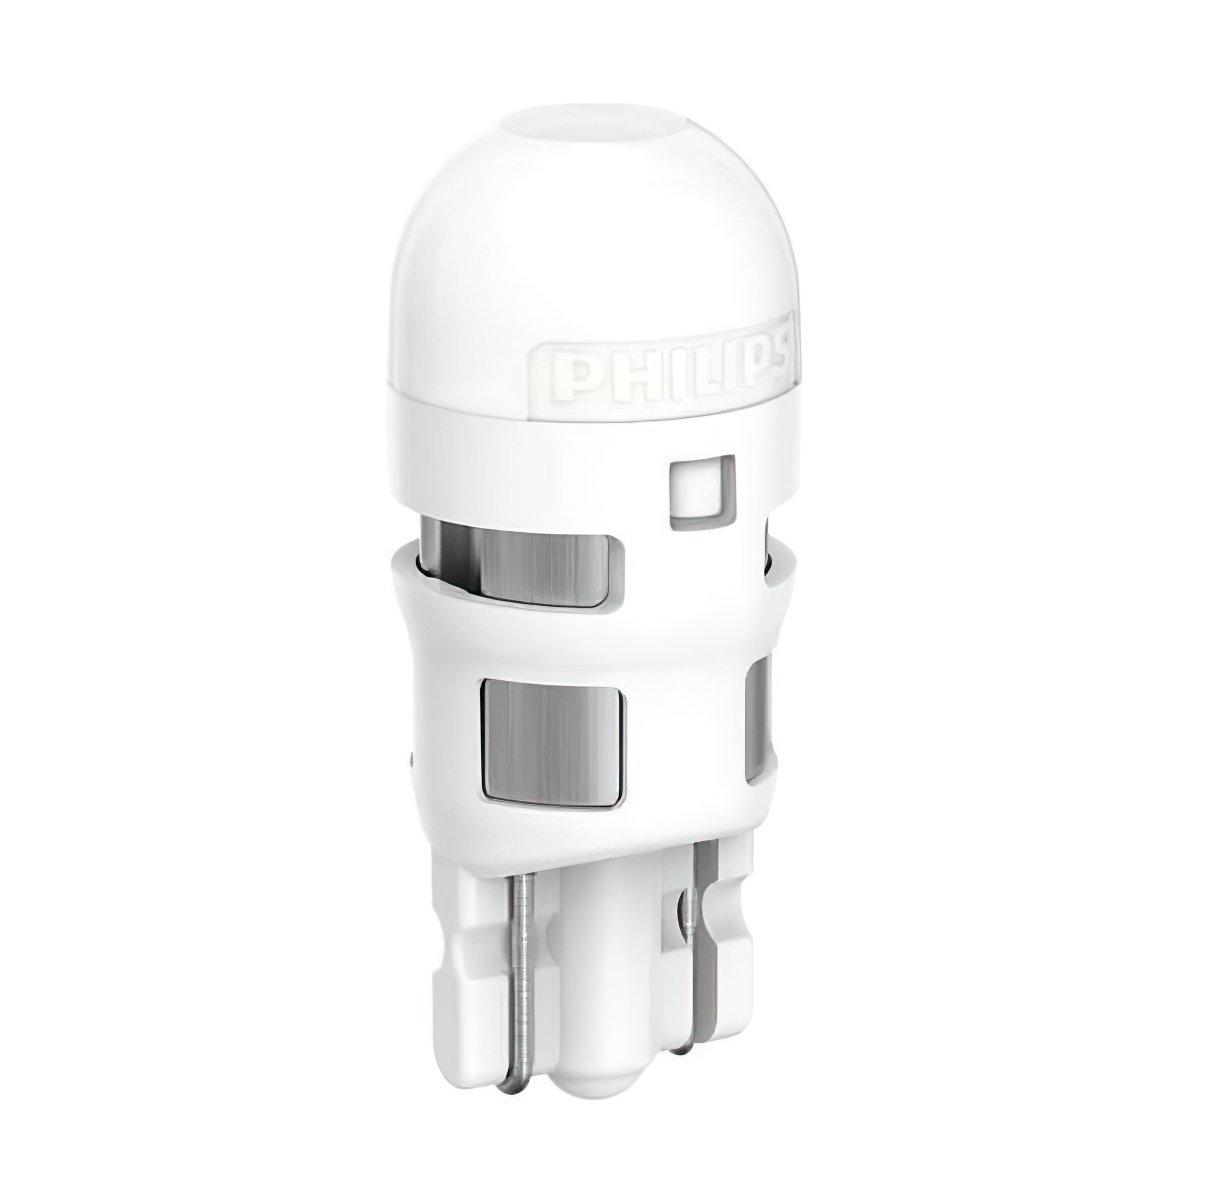 Лампа светодиодная Philips W5W Ultinon 6000K (11961ULWX2) фото 2